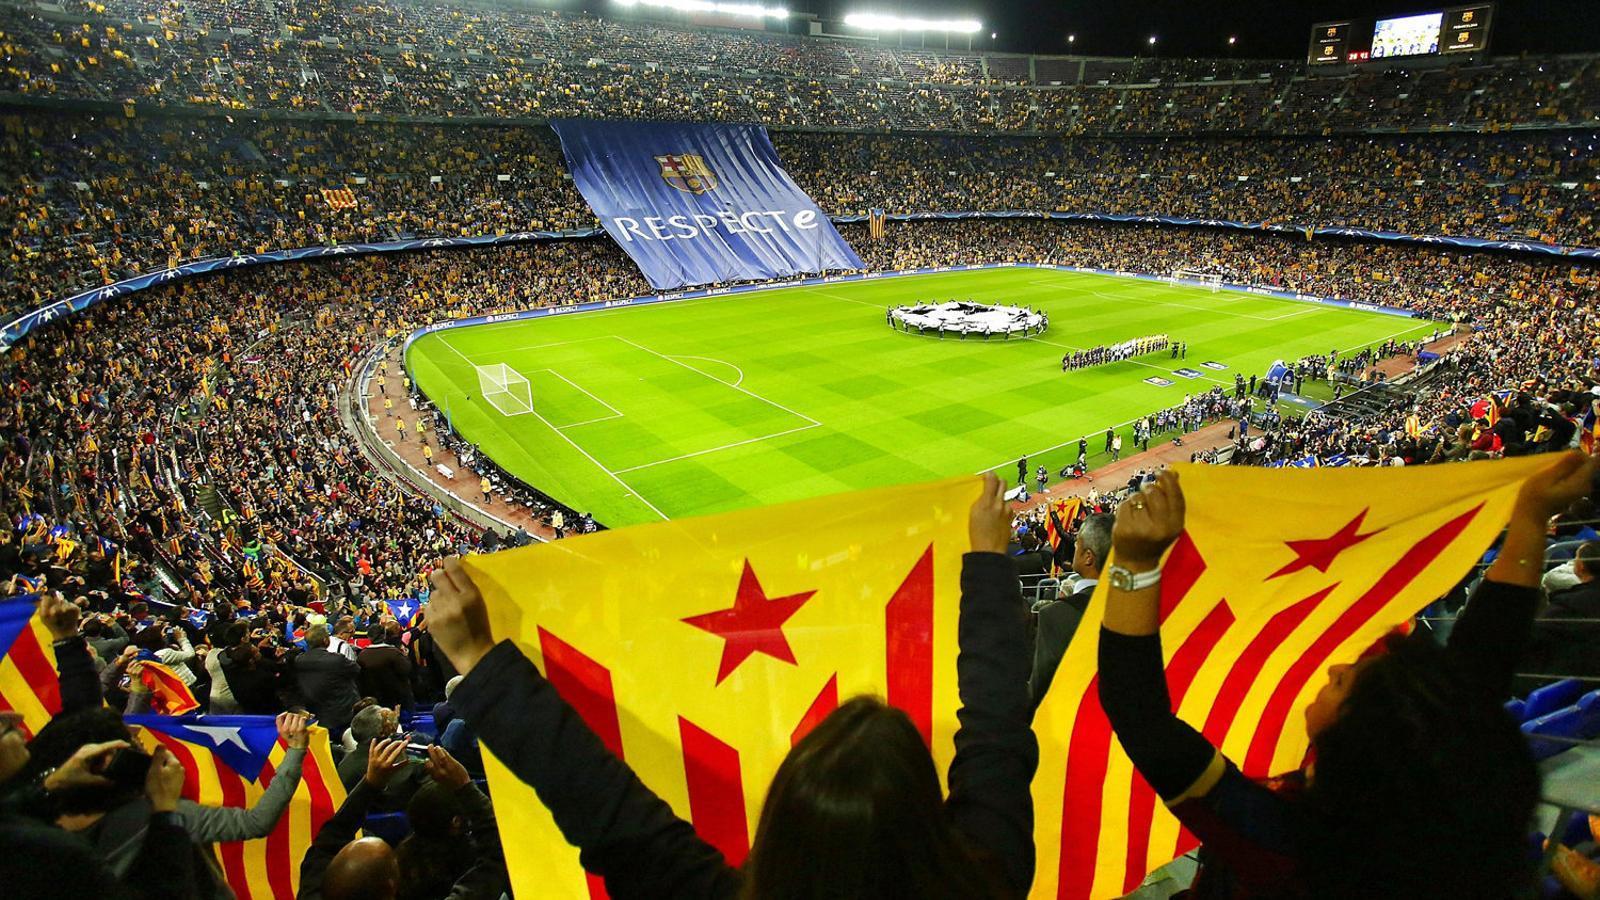 Aficionats del Barça amb estelades en un partit al Camp nou. Pere virgili